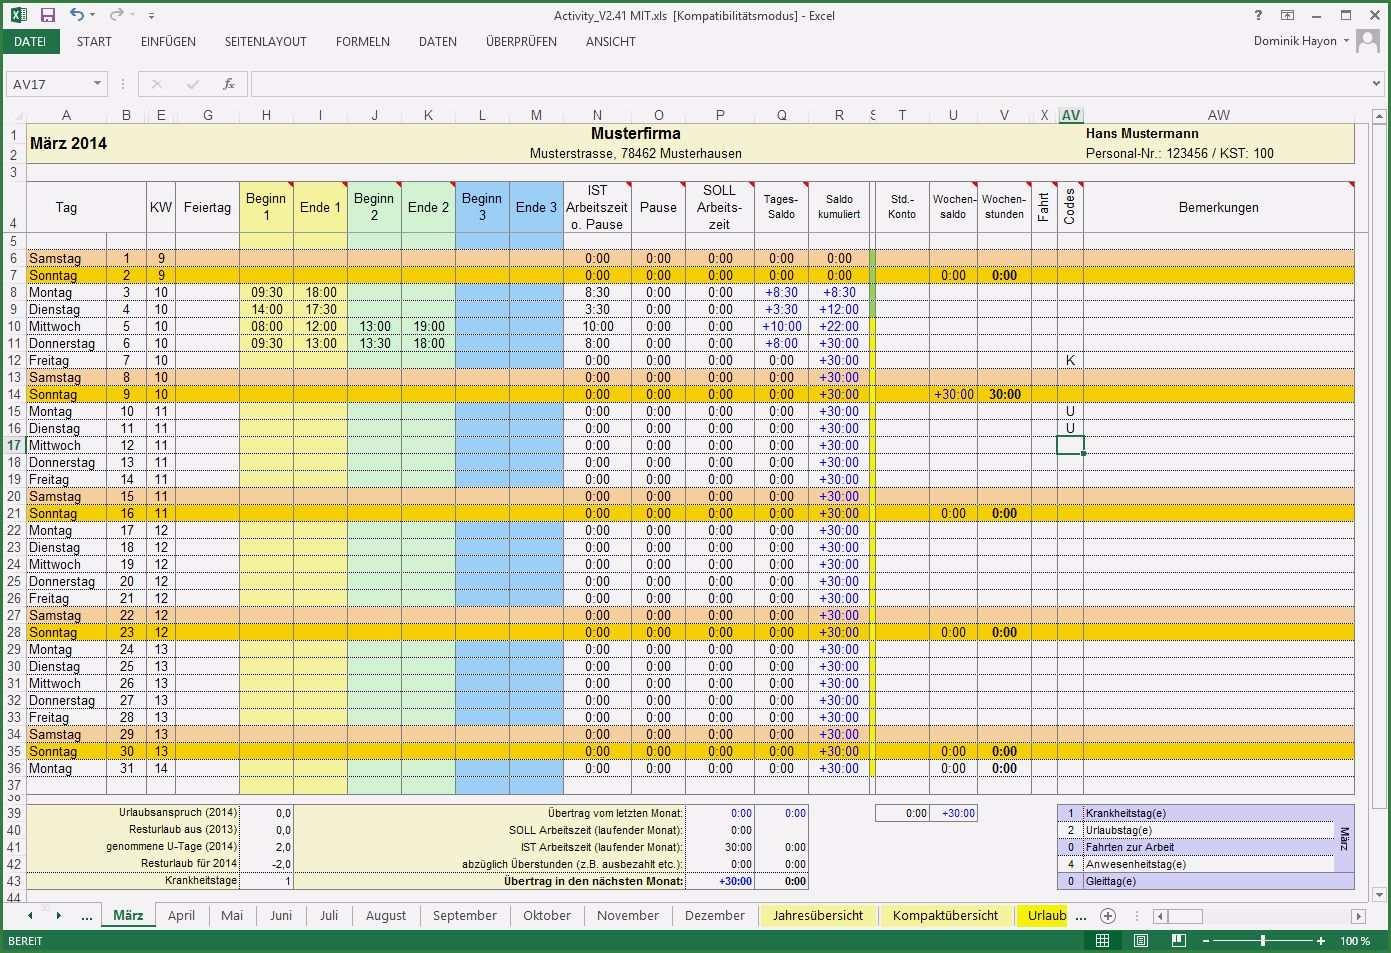 14 Atemberaubend Open Office Zeiterfassung Vorlage Zum Ausprobieren Excel Vorlage Zeiterfassung Lebenslauf Layout